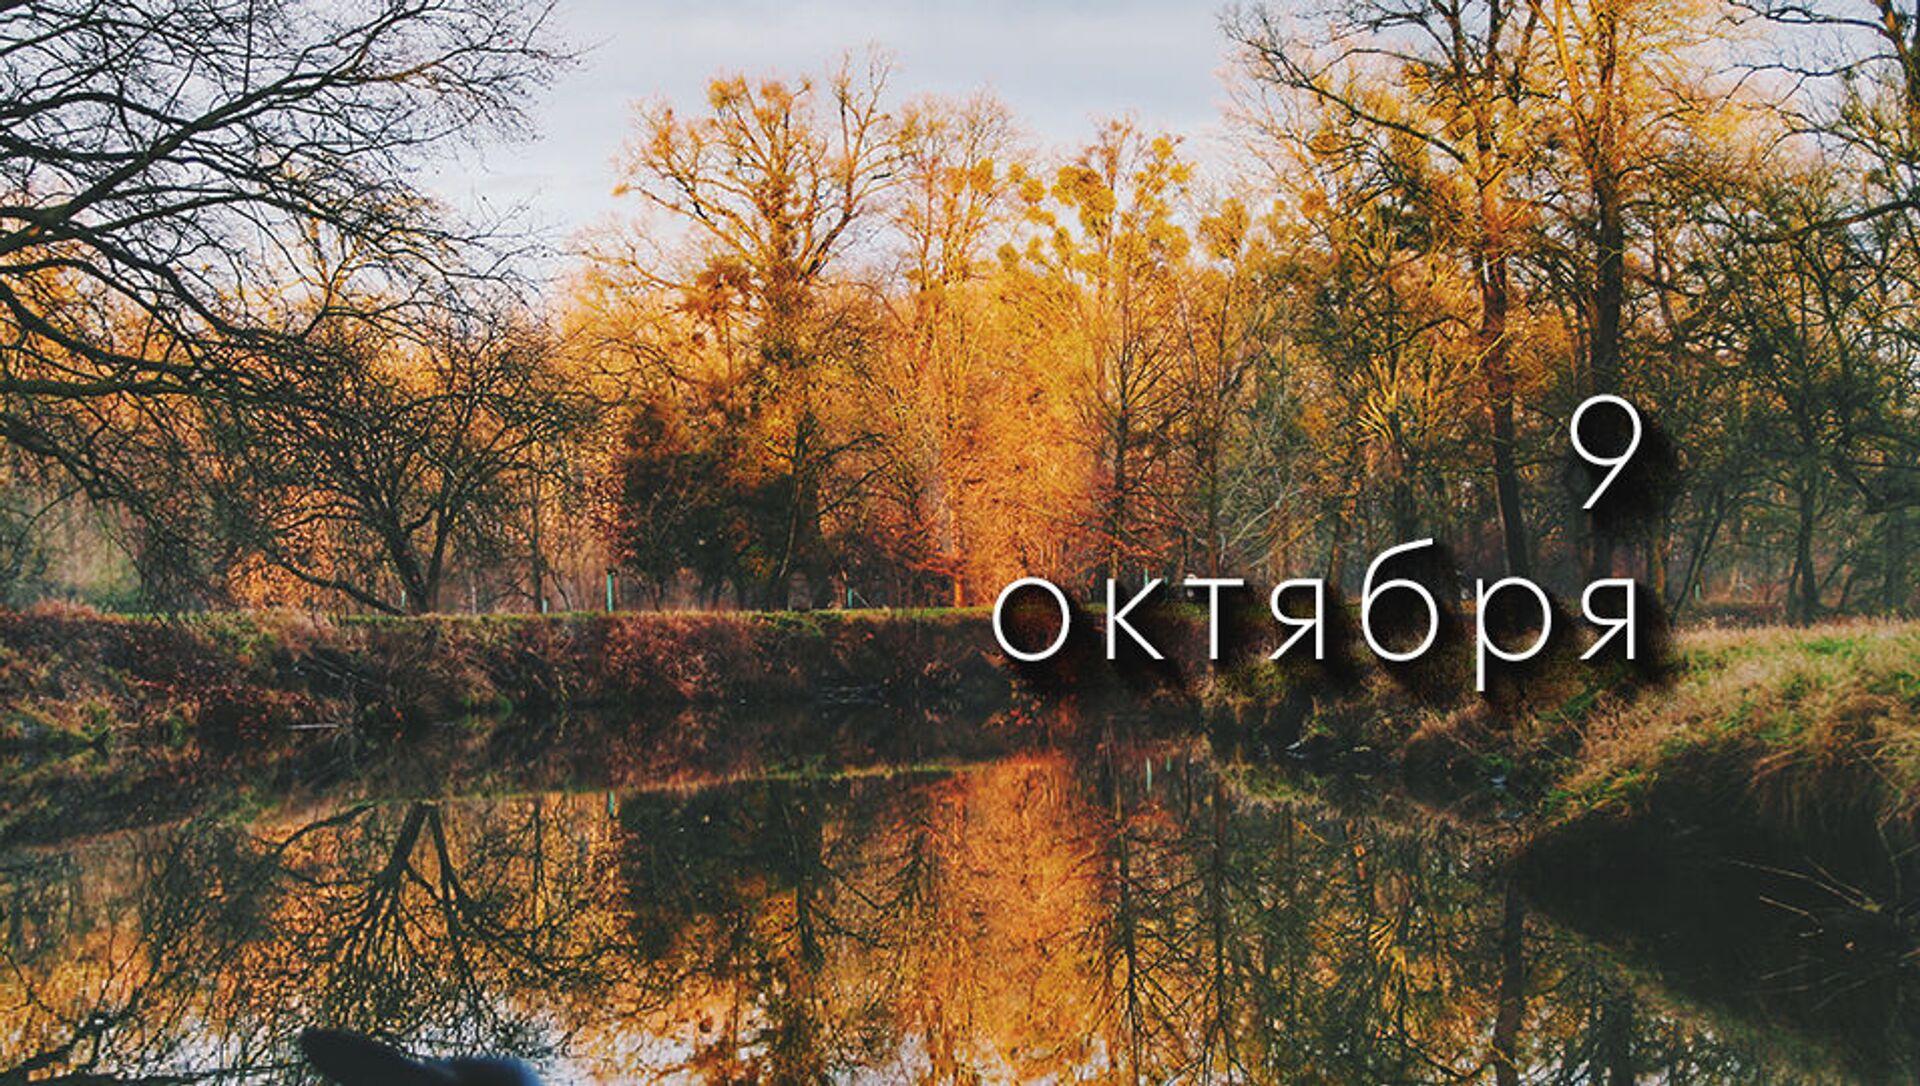 День 9 октября - Sputnik Южная Осетия, 1920, 08.10.2021